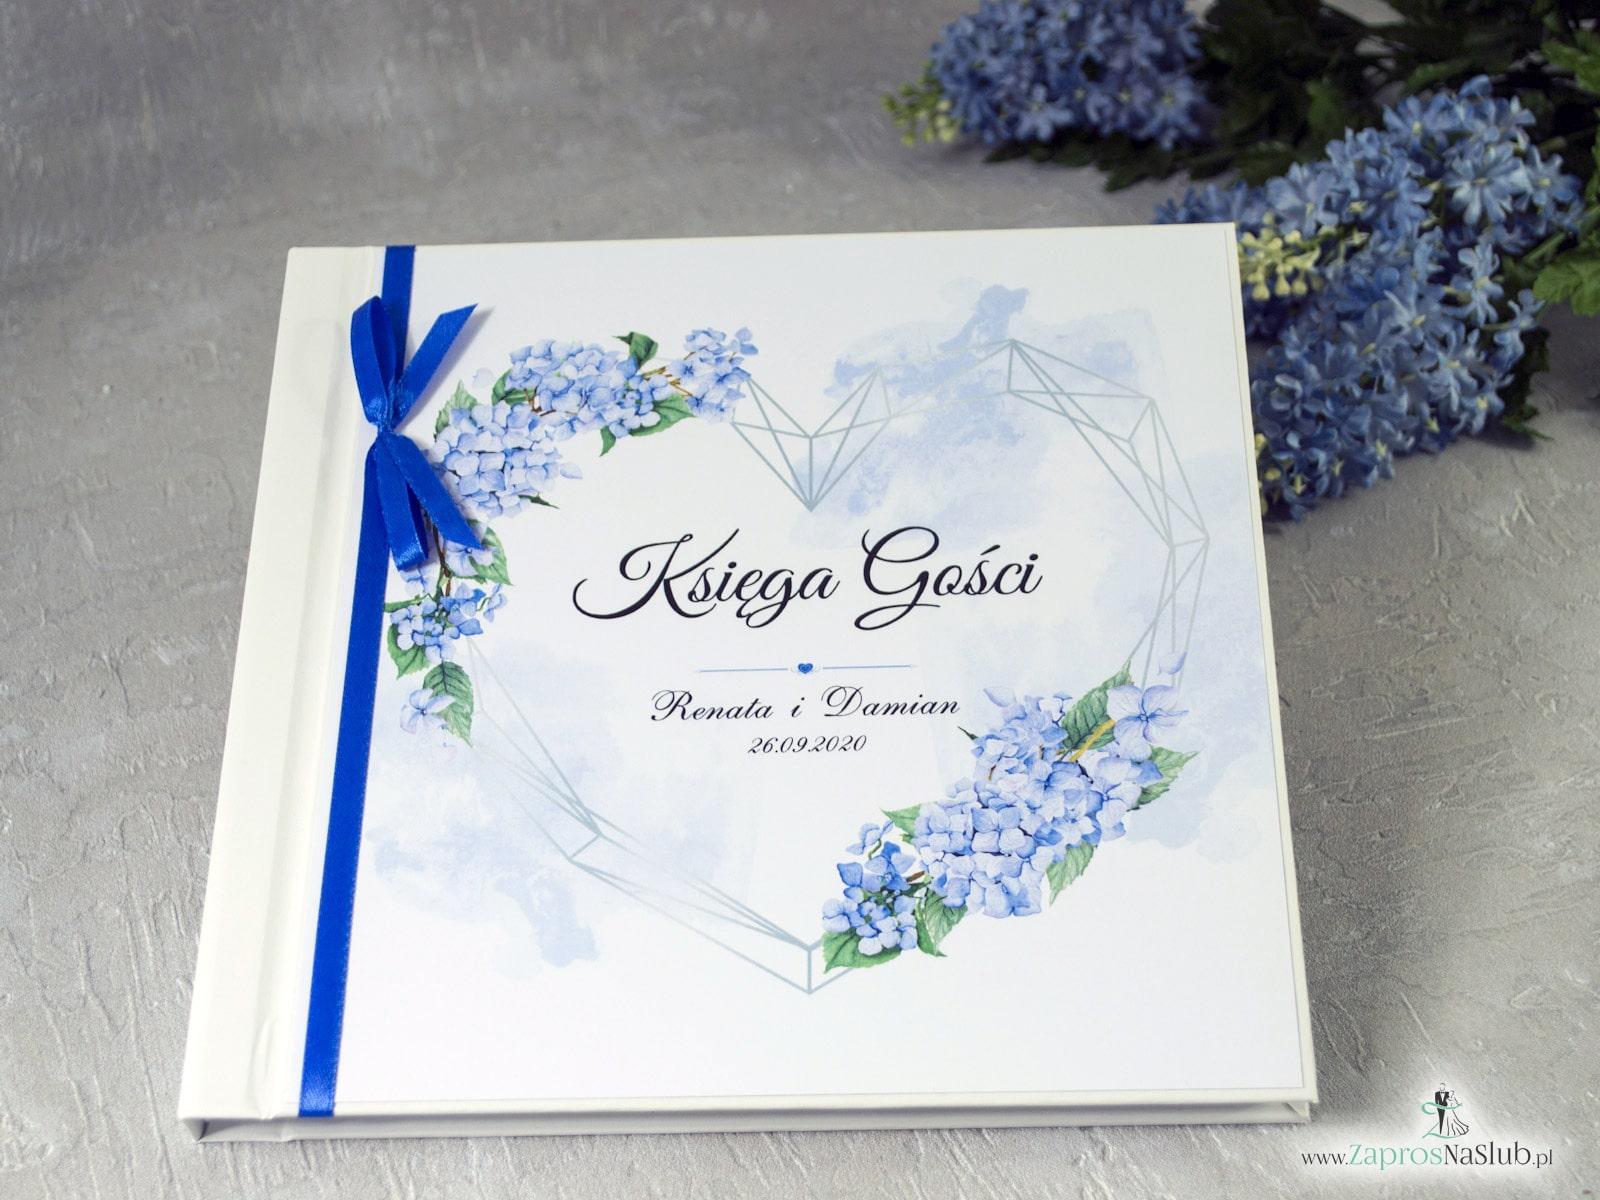 Księga gości - niebieskie hortensje i geometryczne serce. KSG-41-11